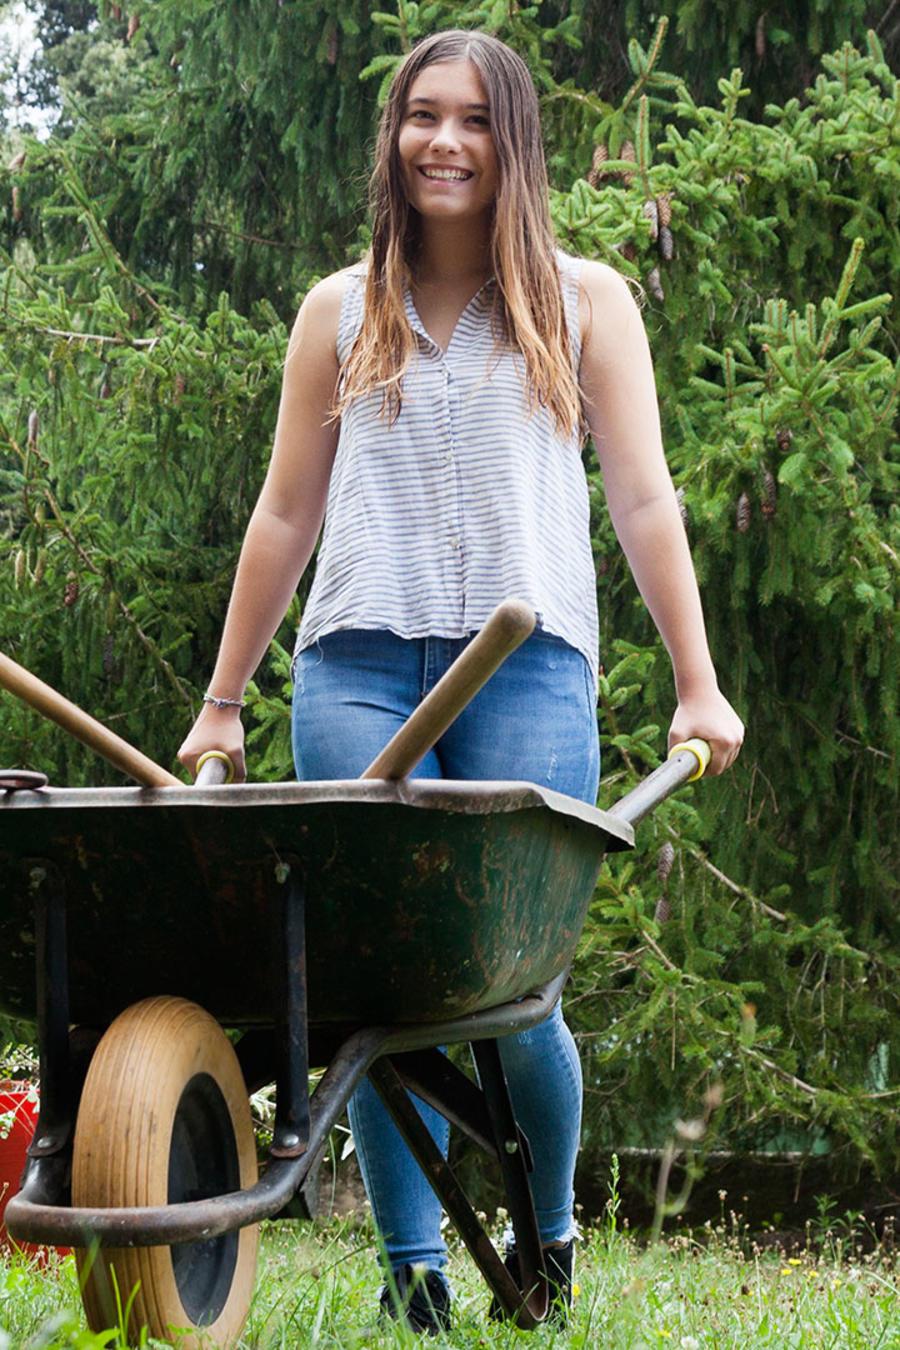 Chica haciendo jardinería